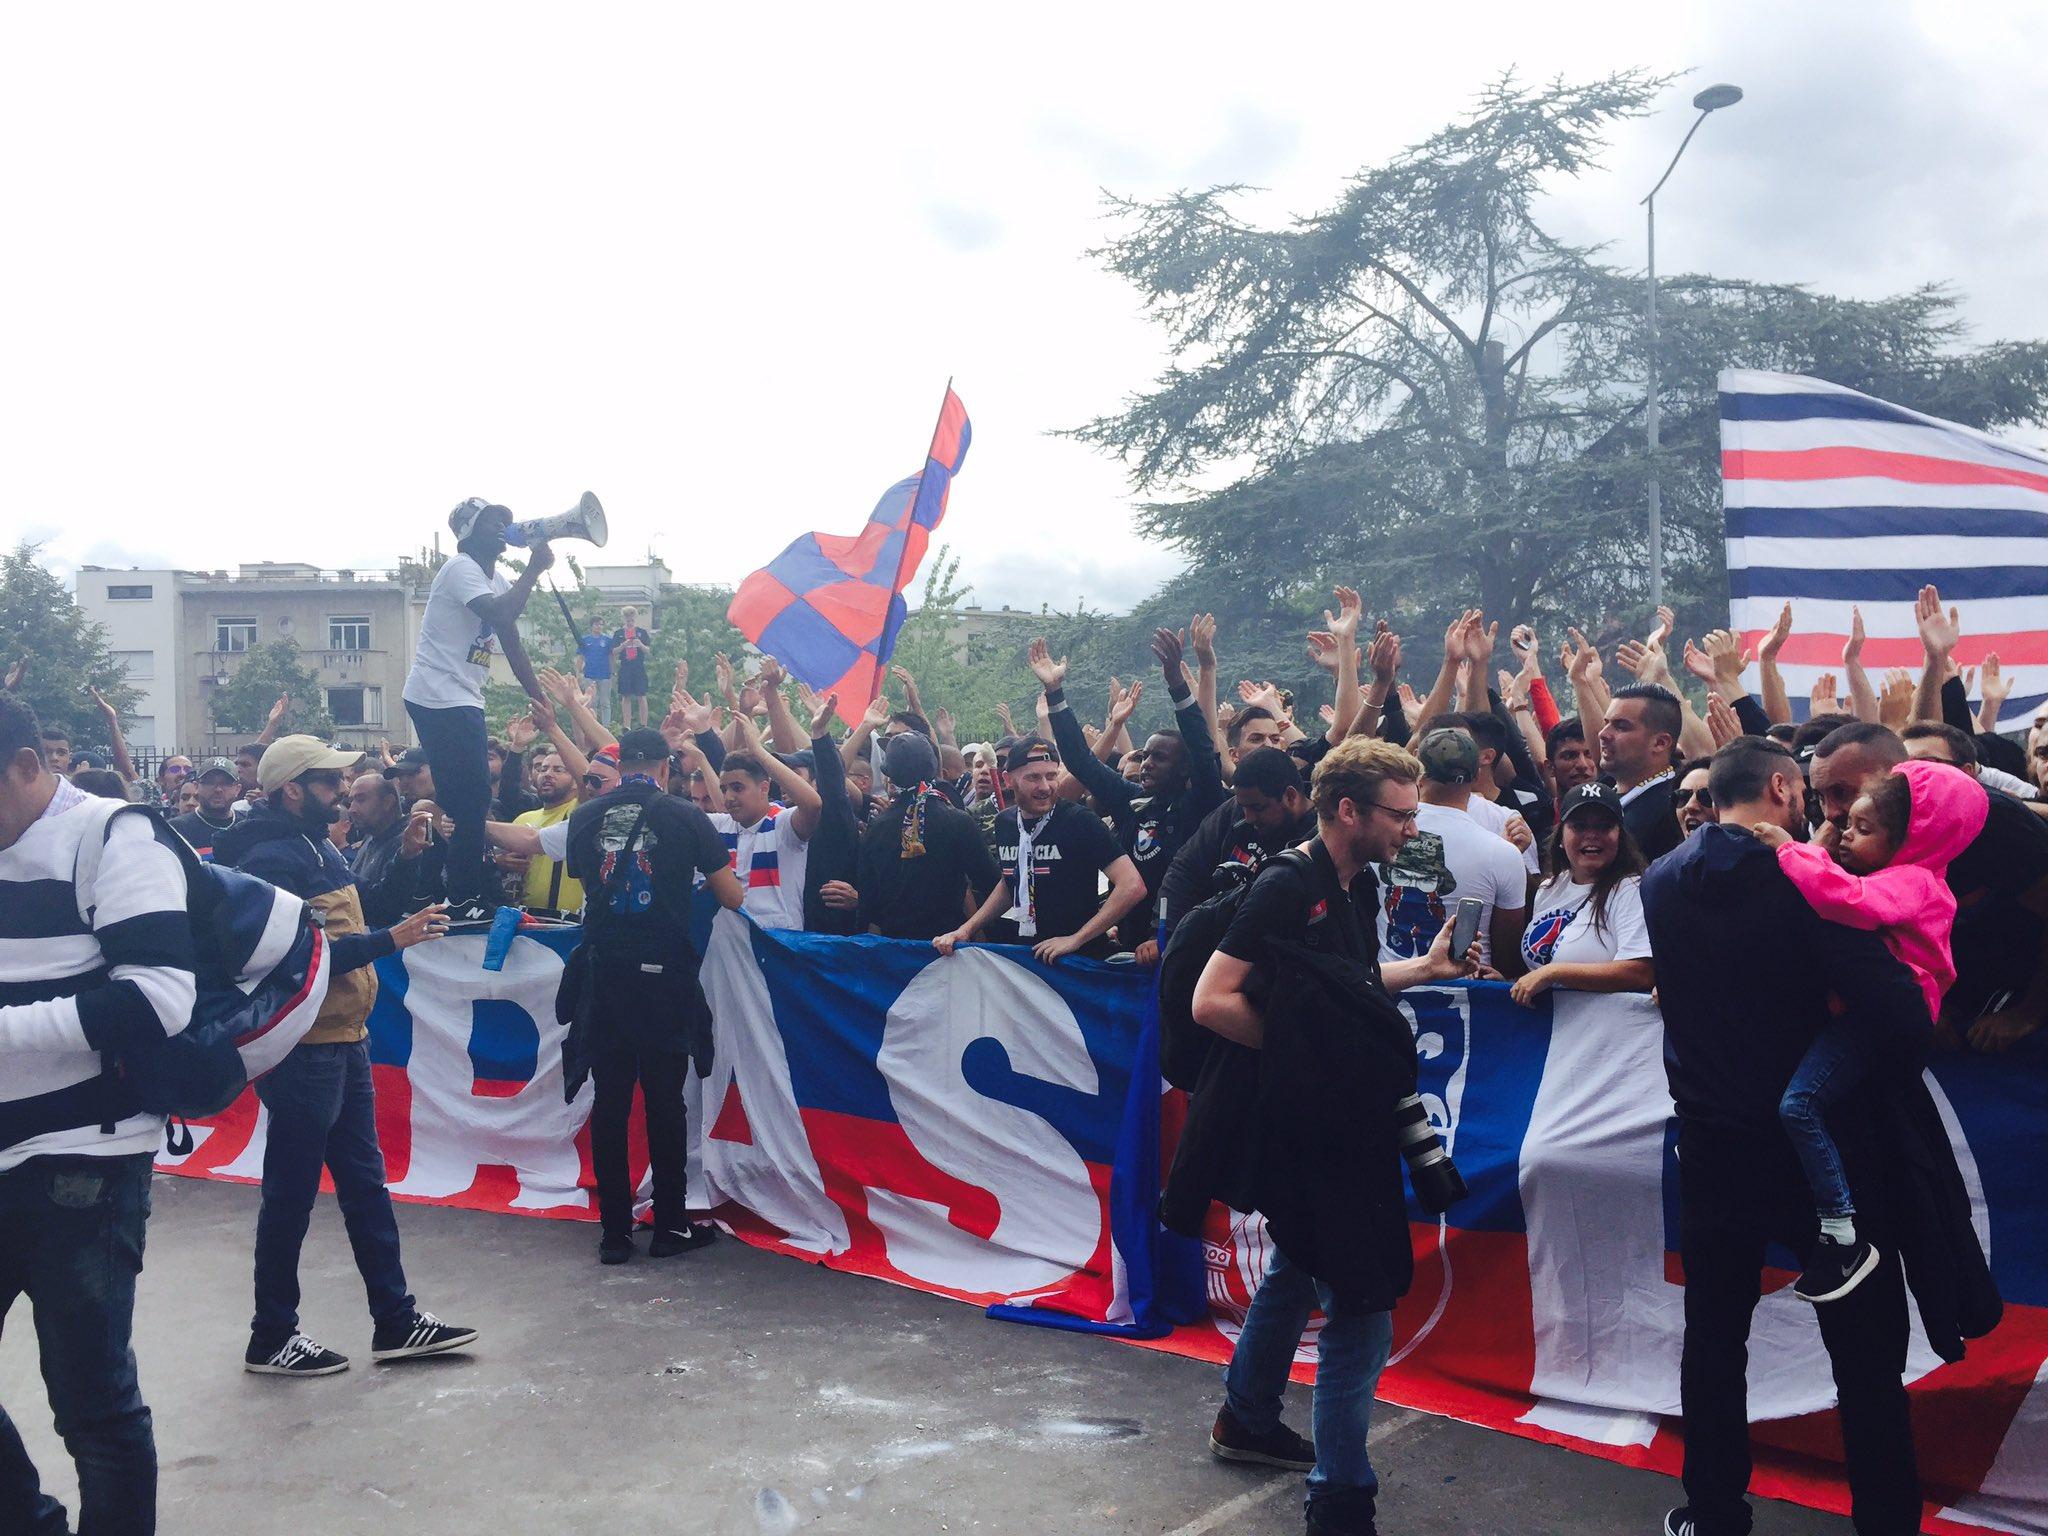 Bordeaux/PSG - Le Collectif Ultras Paris annonce qu'il ne viendra pas